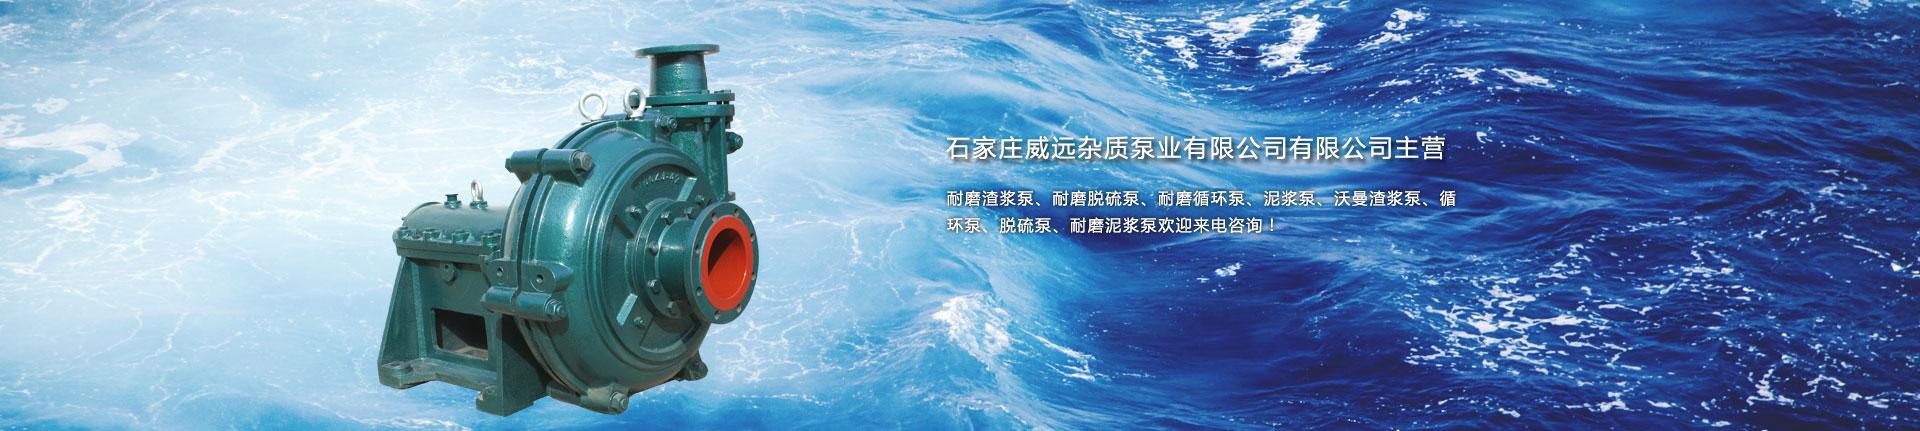 耐磨渣浆泵,耐磨循环泵,耐磨泥浆泵